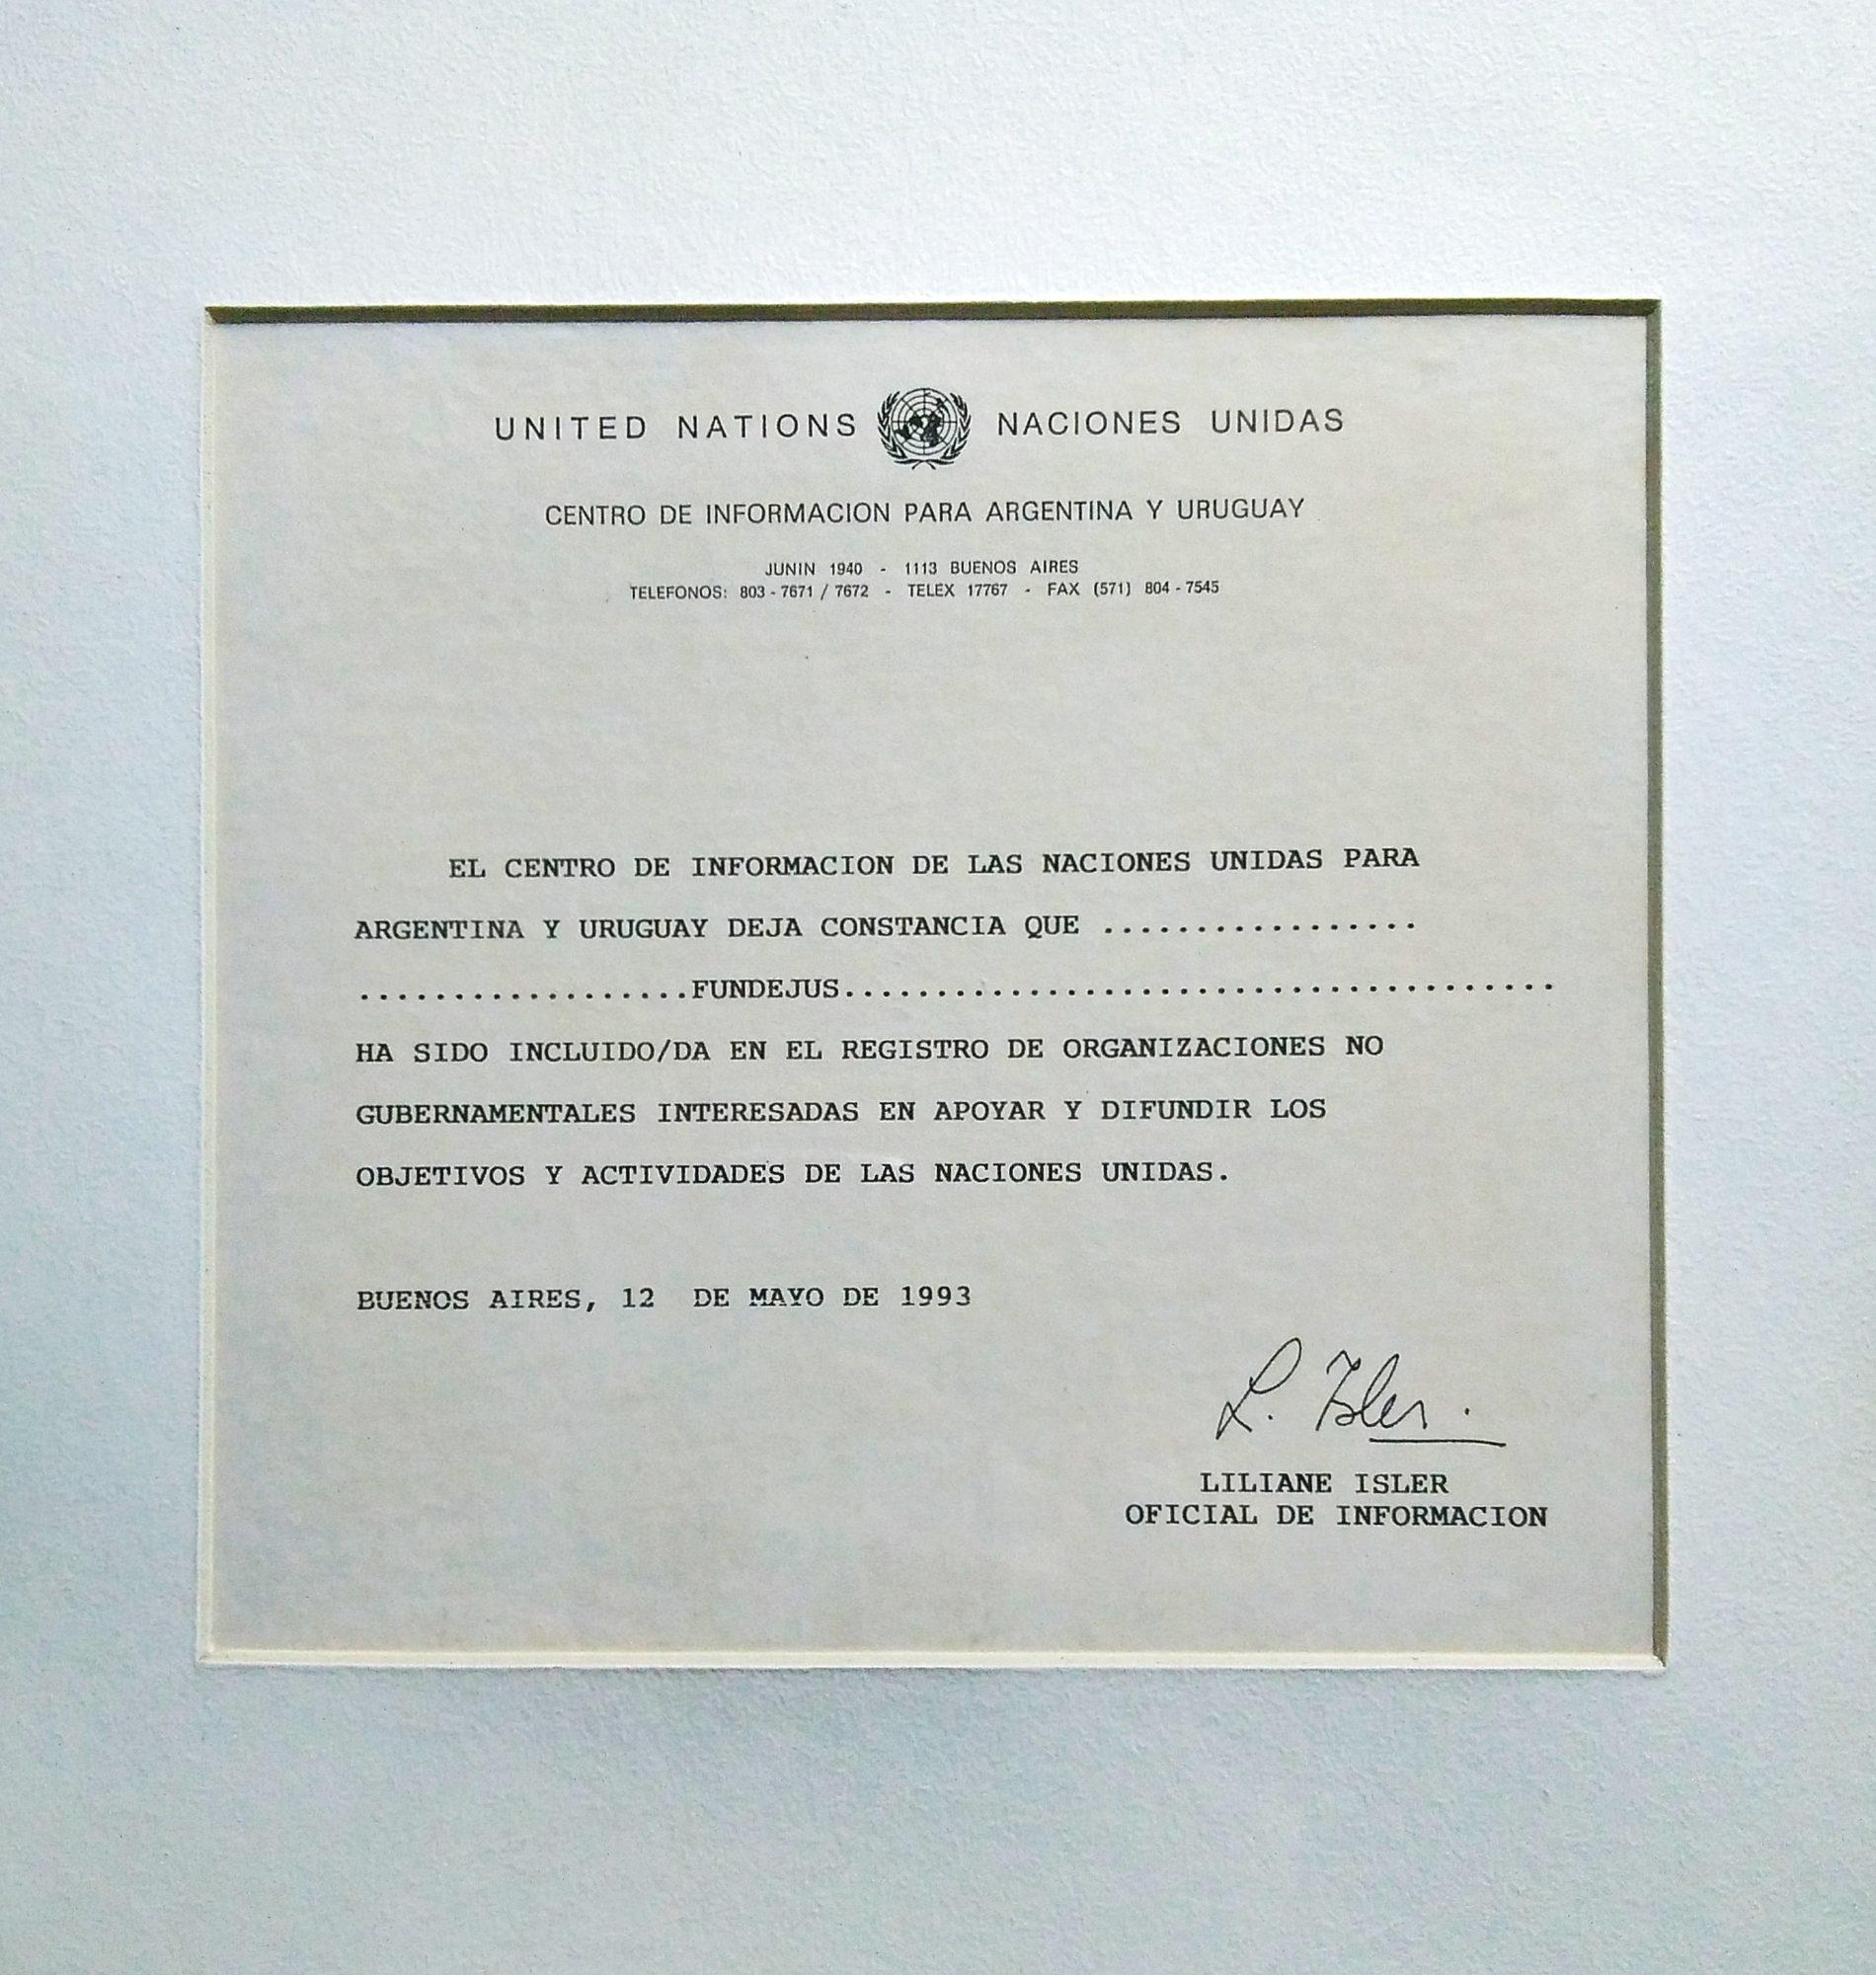 «FUNDEJUS INCLUIDA EN EL REGISTRO DE ORGANIZACIONES NO GUBERNAMENTALES» 1993